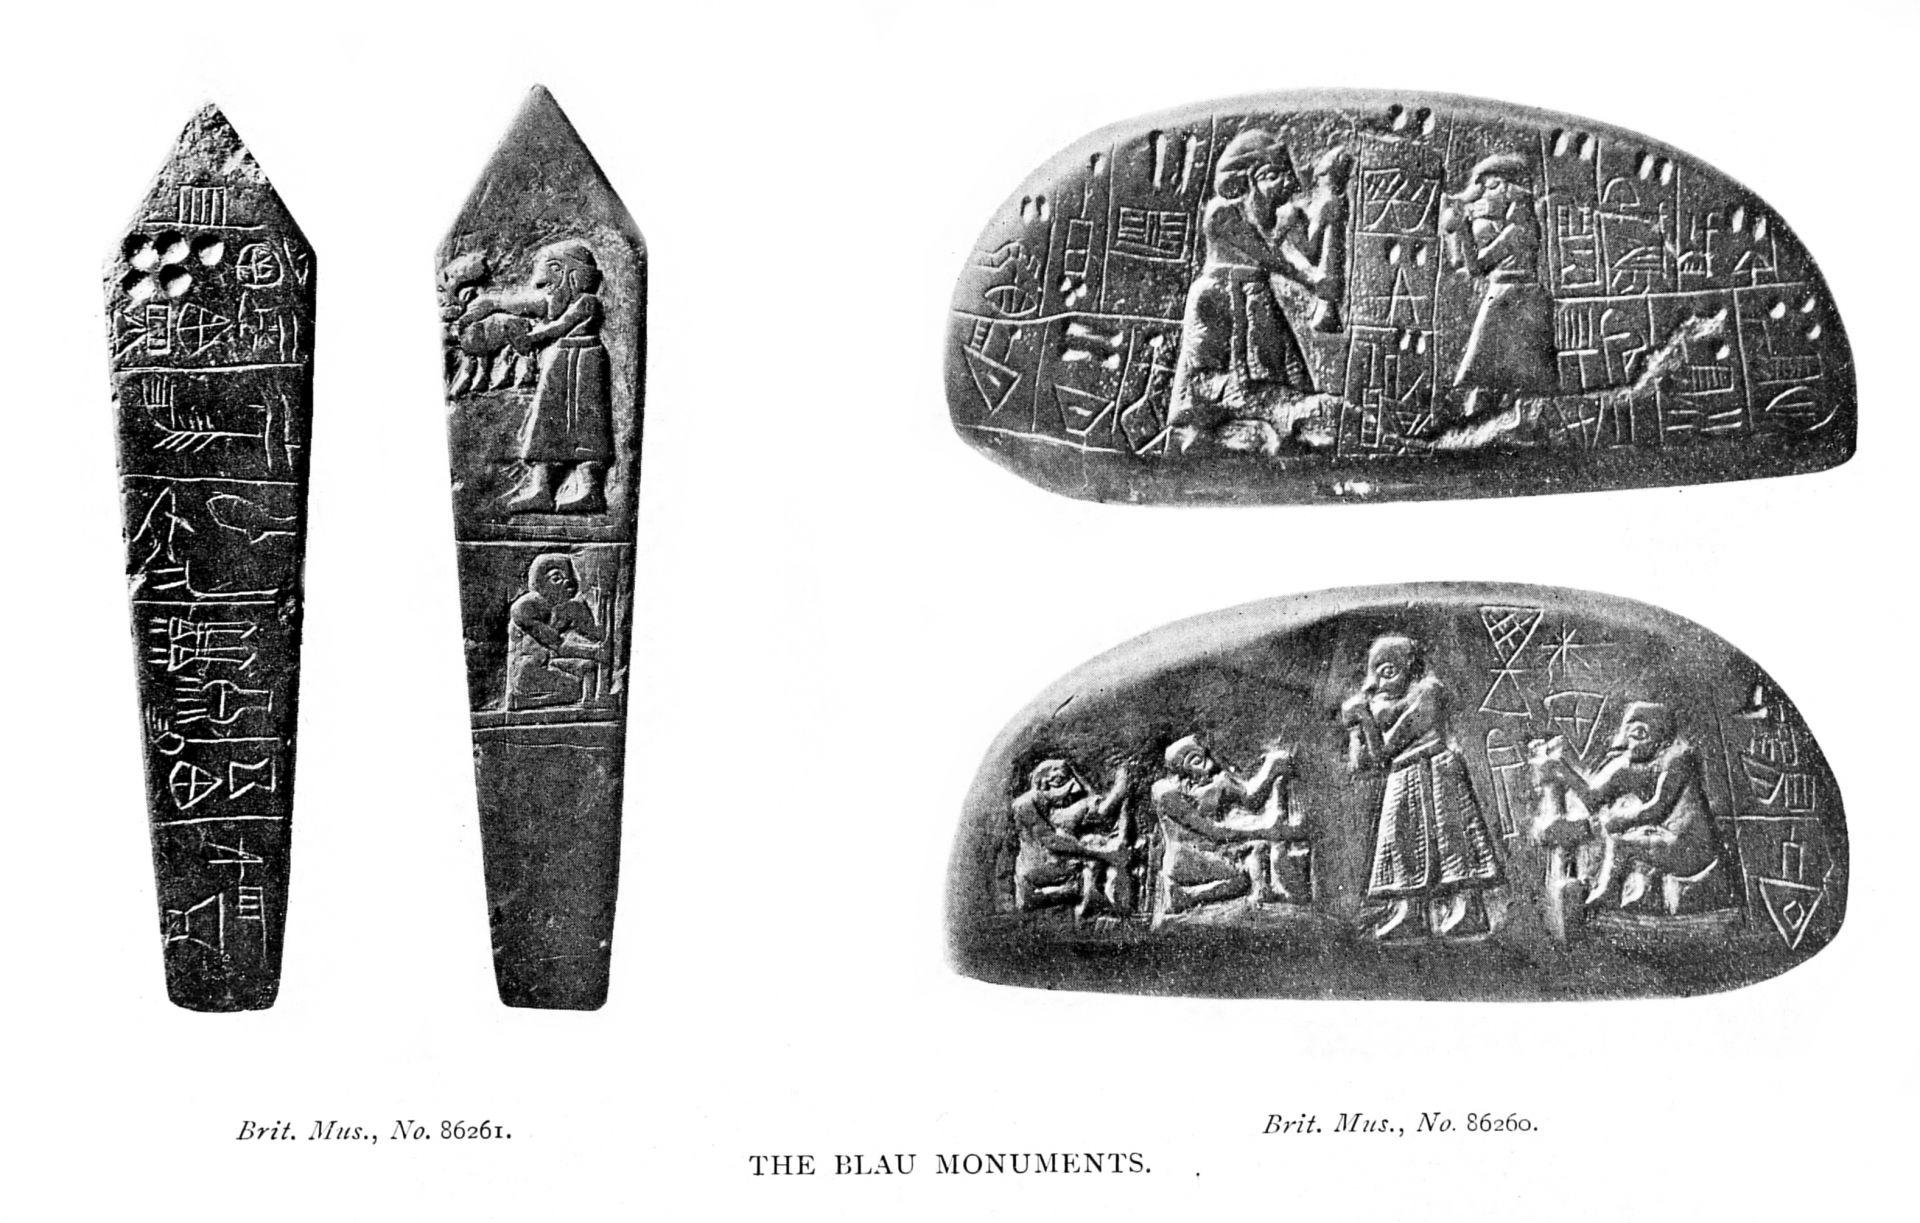 Monument Blau - Археологична находка от 3 700 г. Пр.Хр., която документира производството на бира от шумерите. Наречена е на името на откривателя на каменната плоча - френският археолог А. Blau. Днес Монумент Блу се съхранява в Британския музей, Лондон.